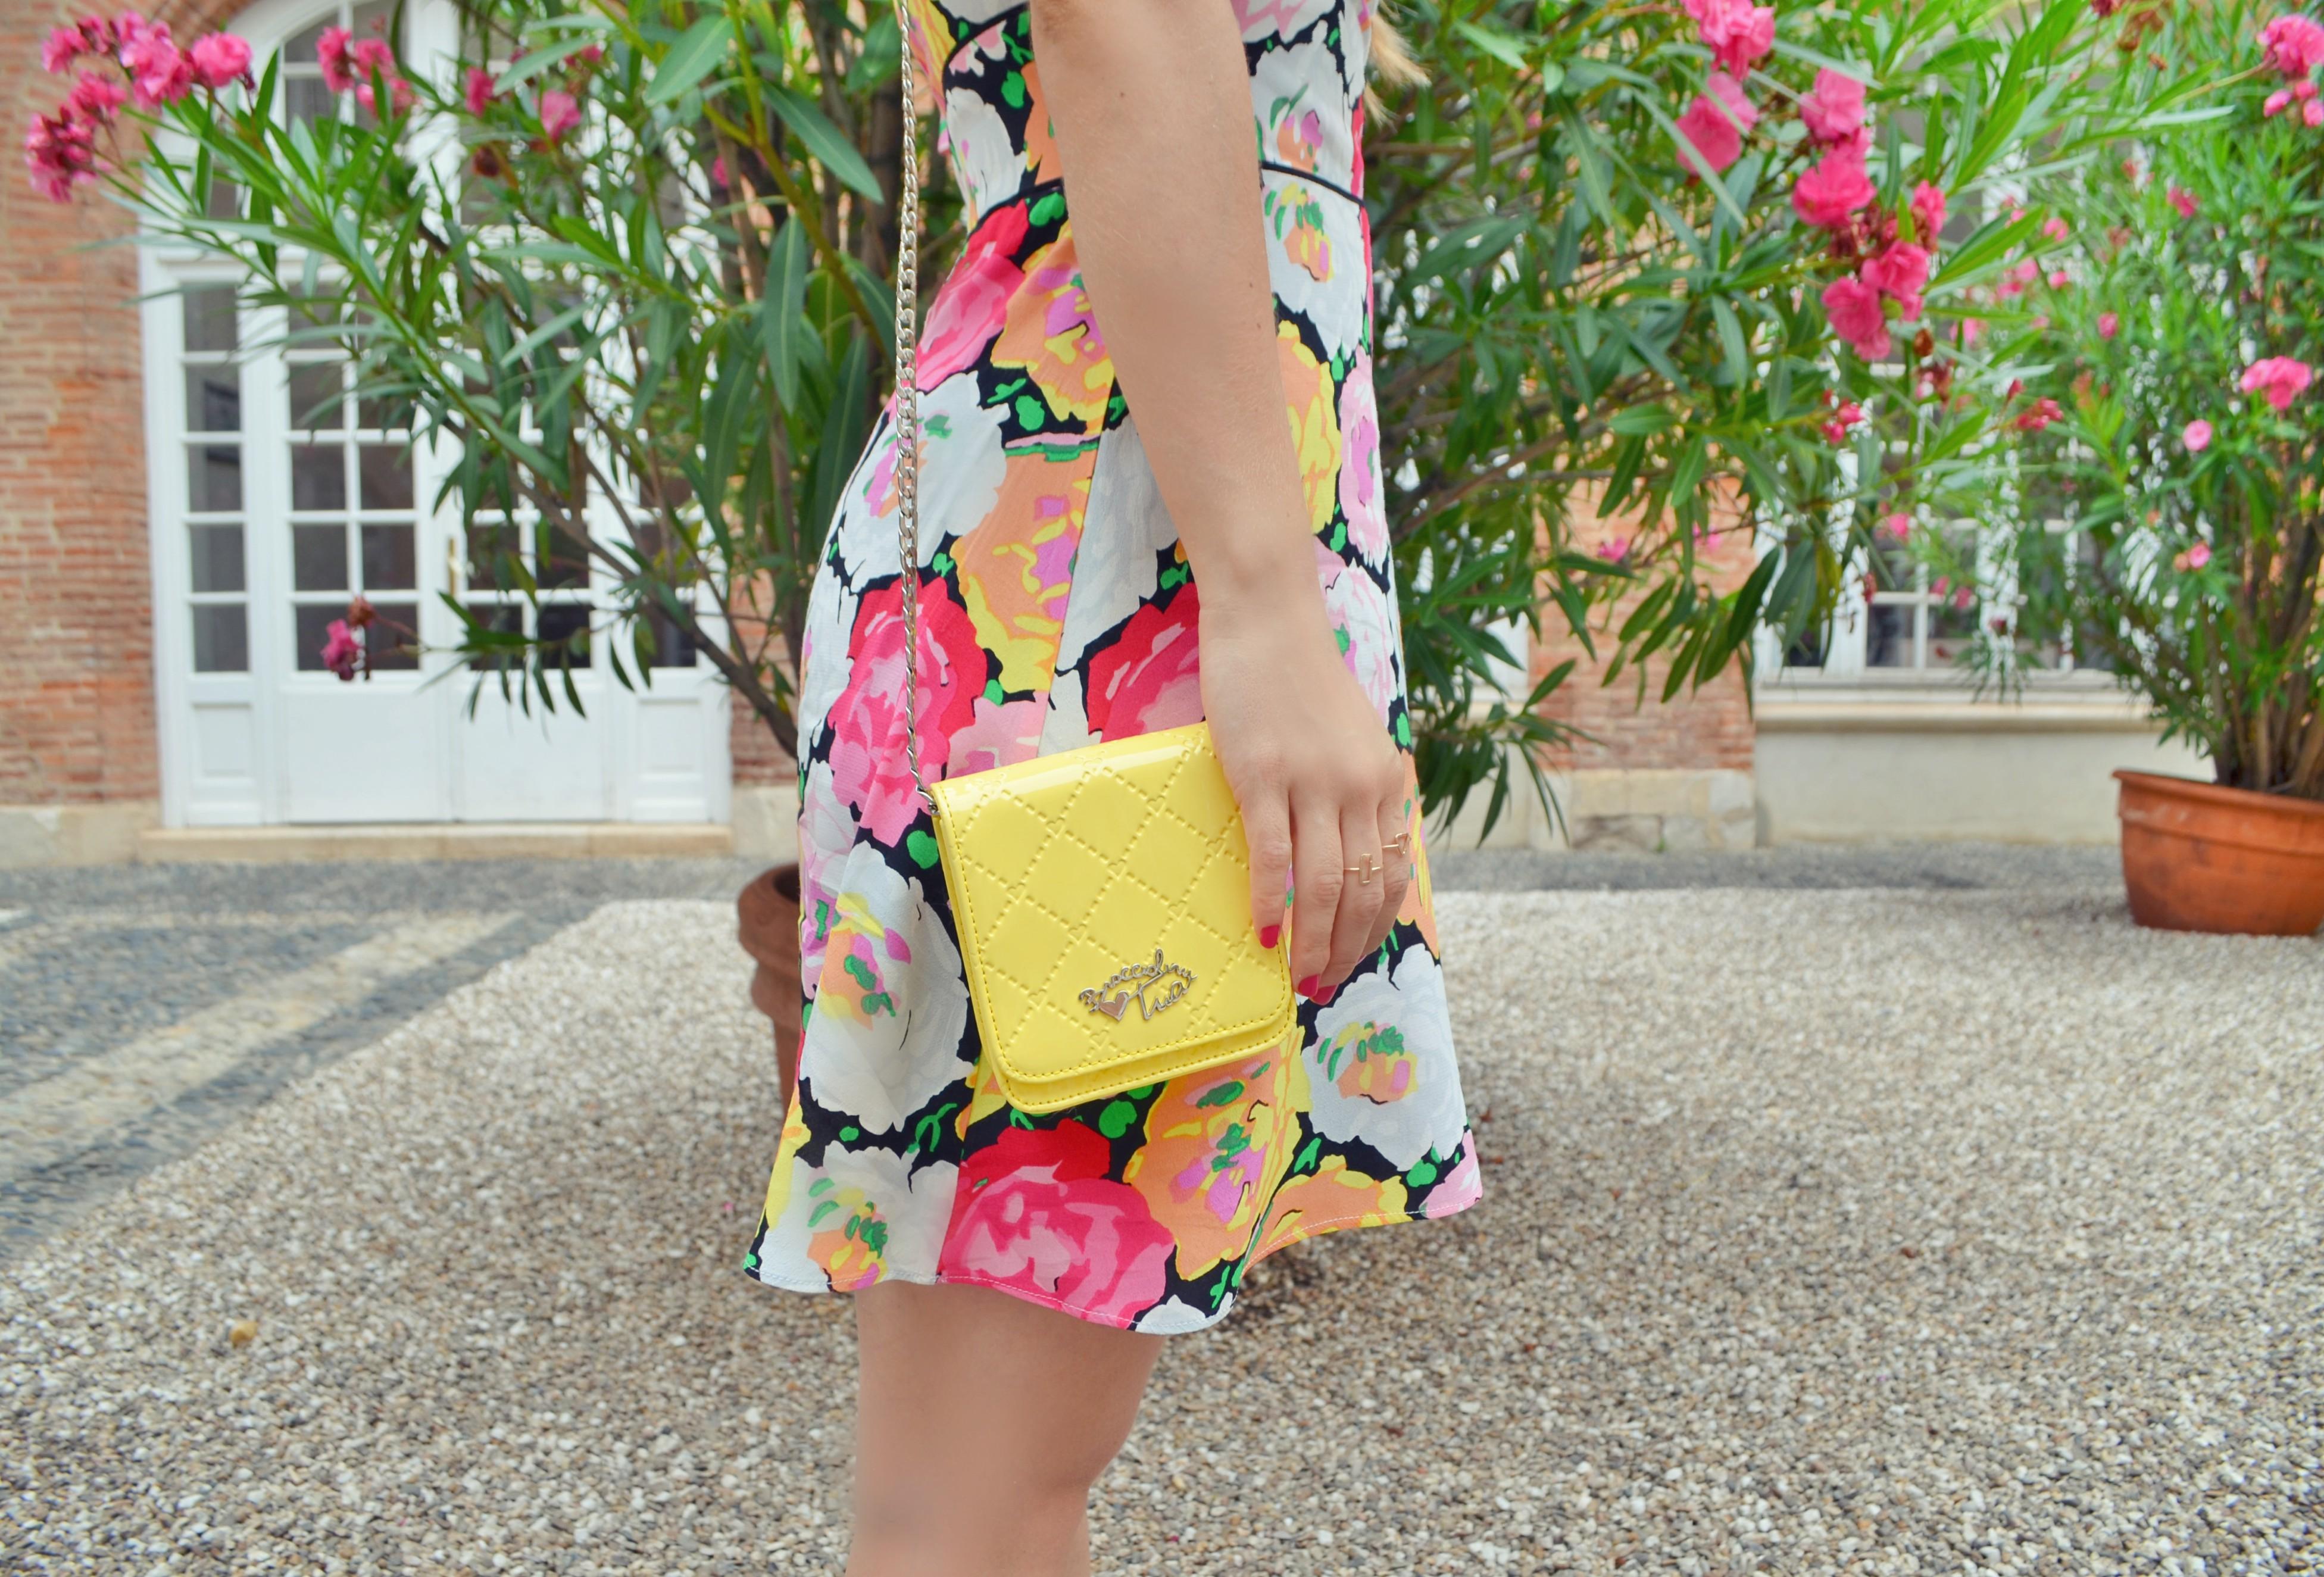 Blog-de-moda-ChicAdicta-vestido-de-flores-Chic-Adicta-zara-look-braccialini-bag-blogger-travel-PiensaenChic-Piensa-en-Chic